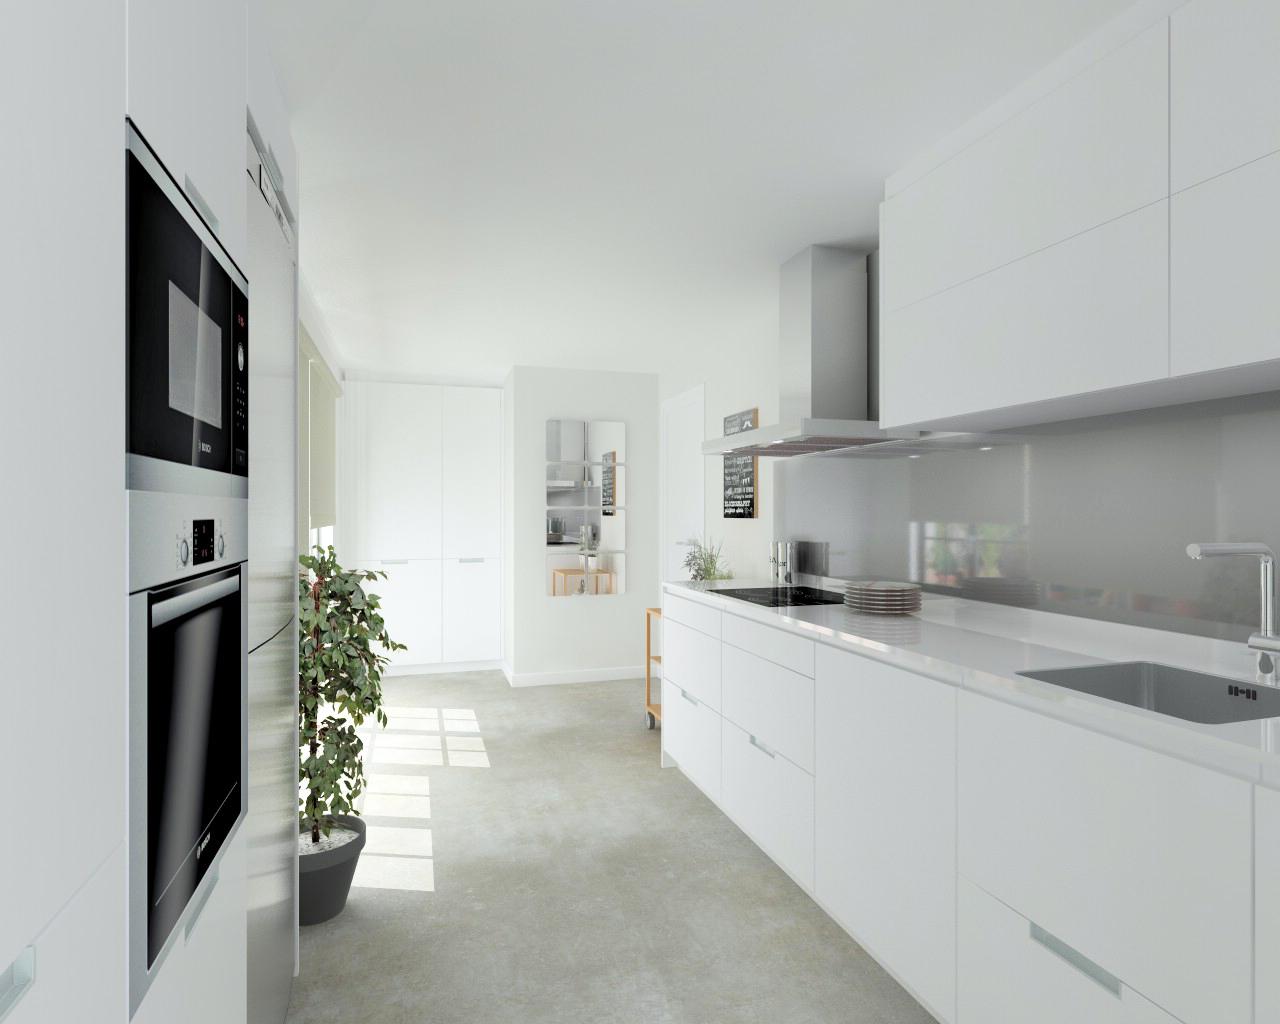 Imagen1 estudio cocinas dc - Cocinas en arganda del rey ...